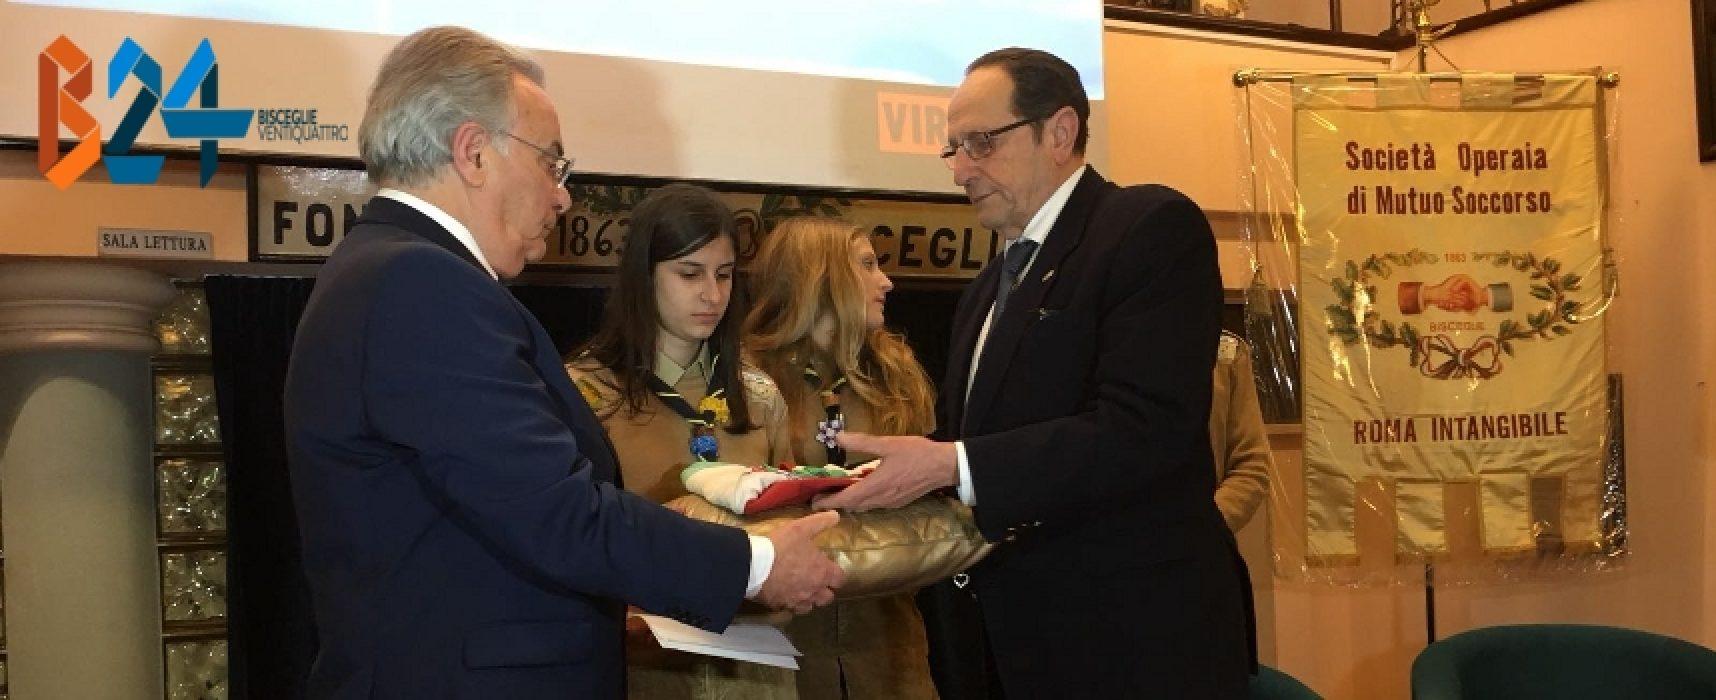 """Cerimonia passaggio del tricolore, D'Addato presidente di """"Roma Intangibile"""" / FOTO"""